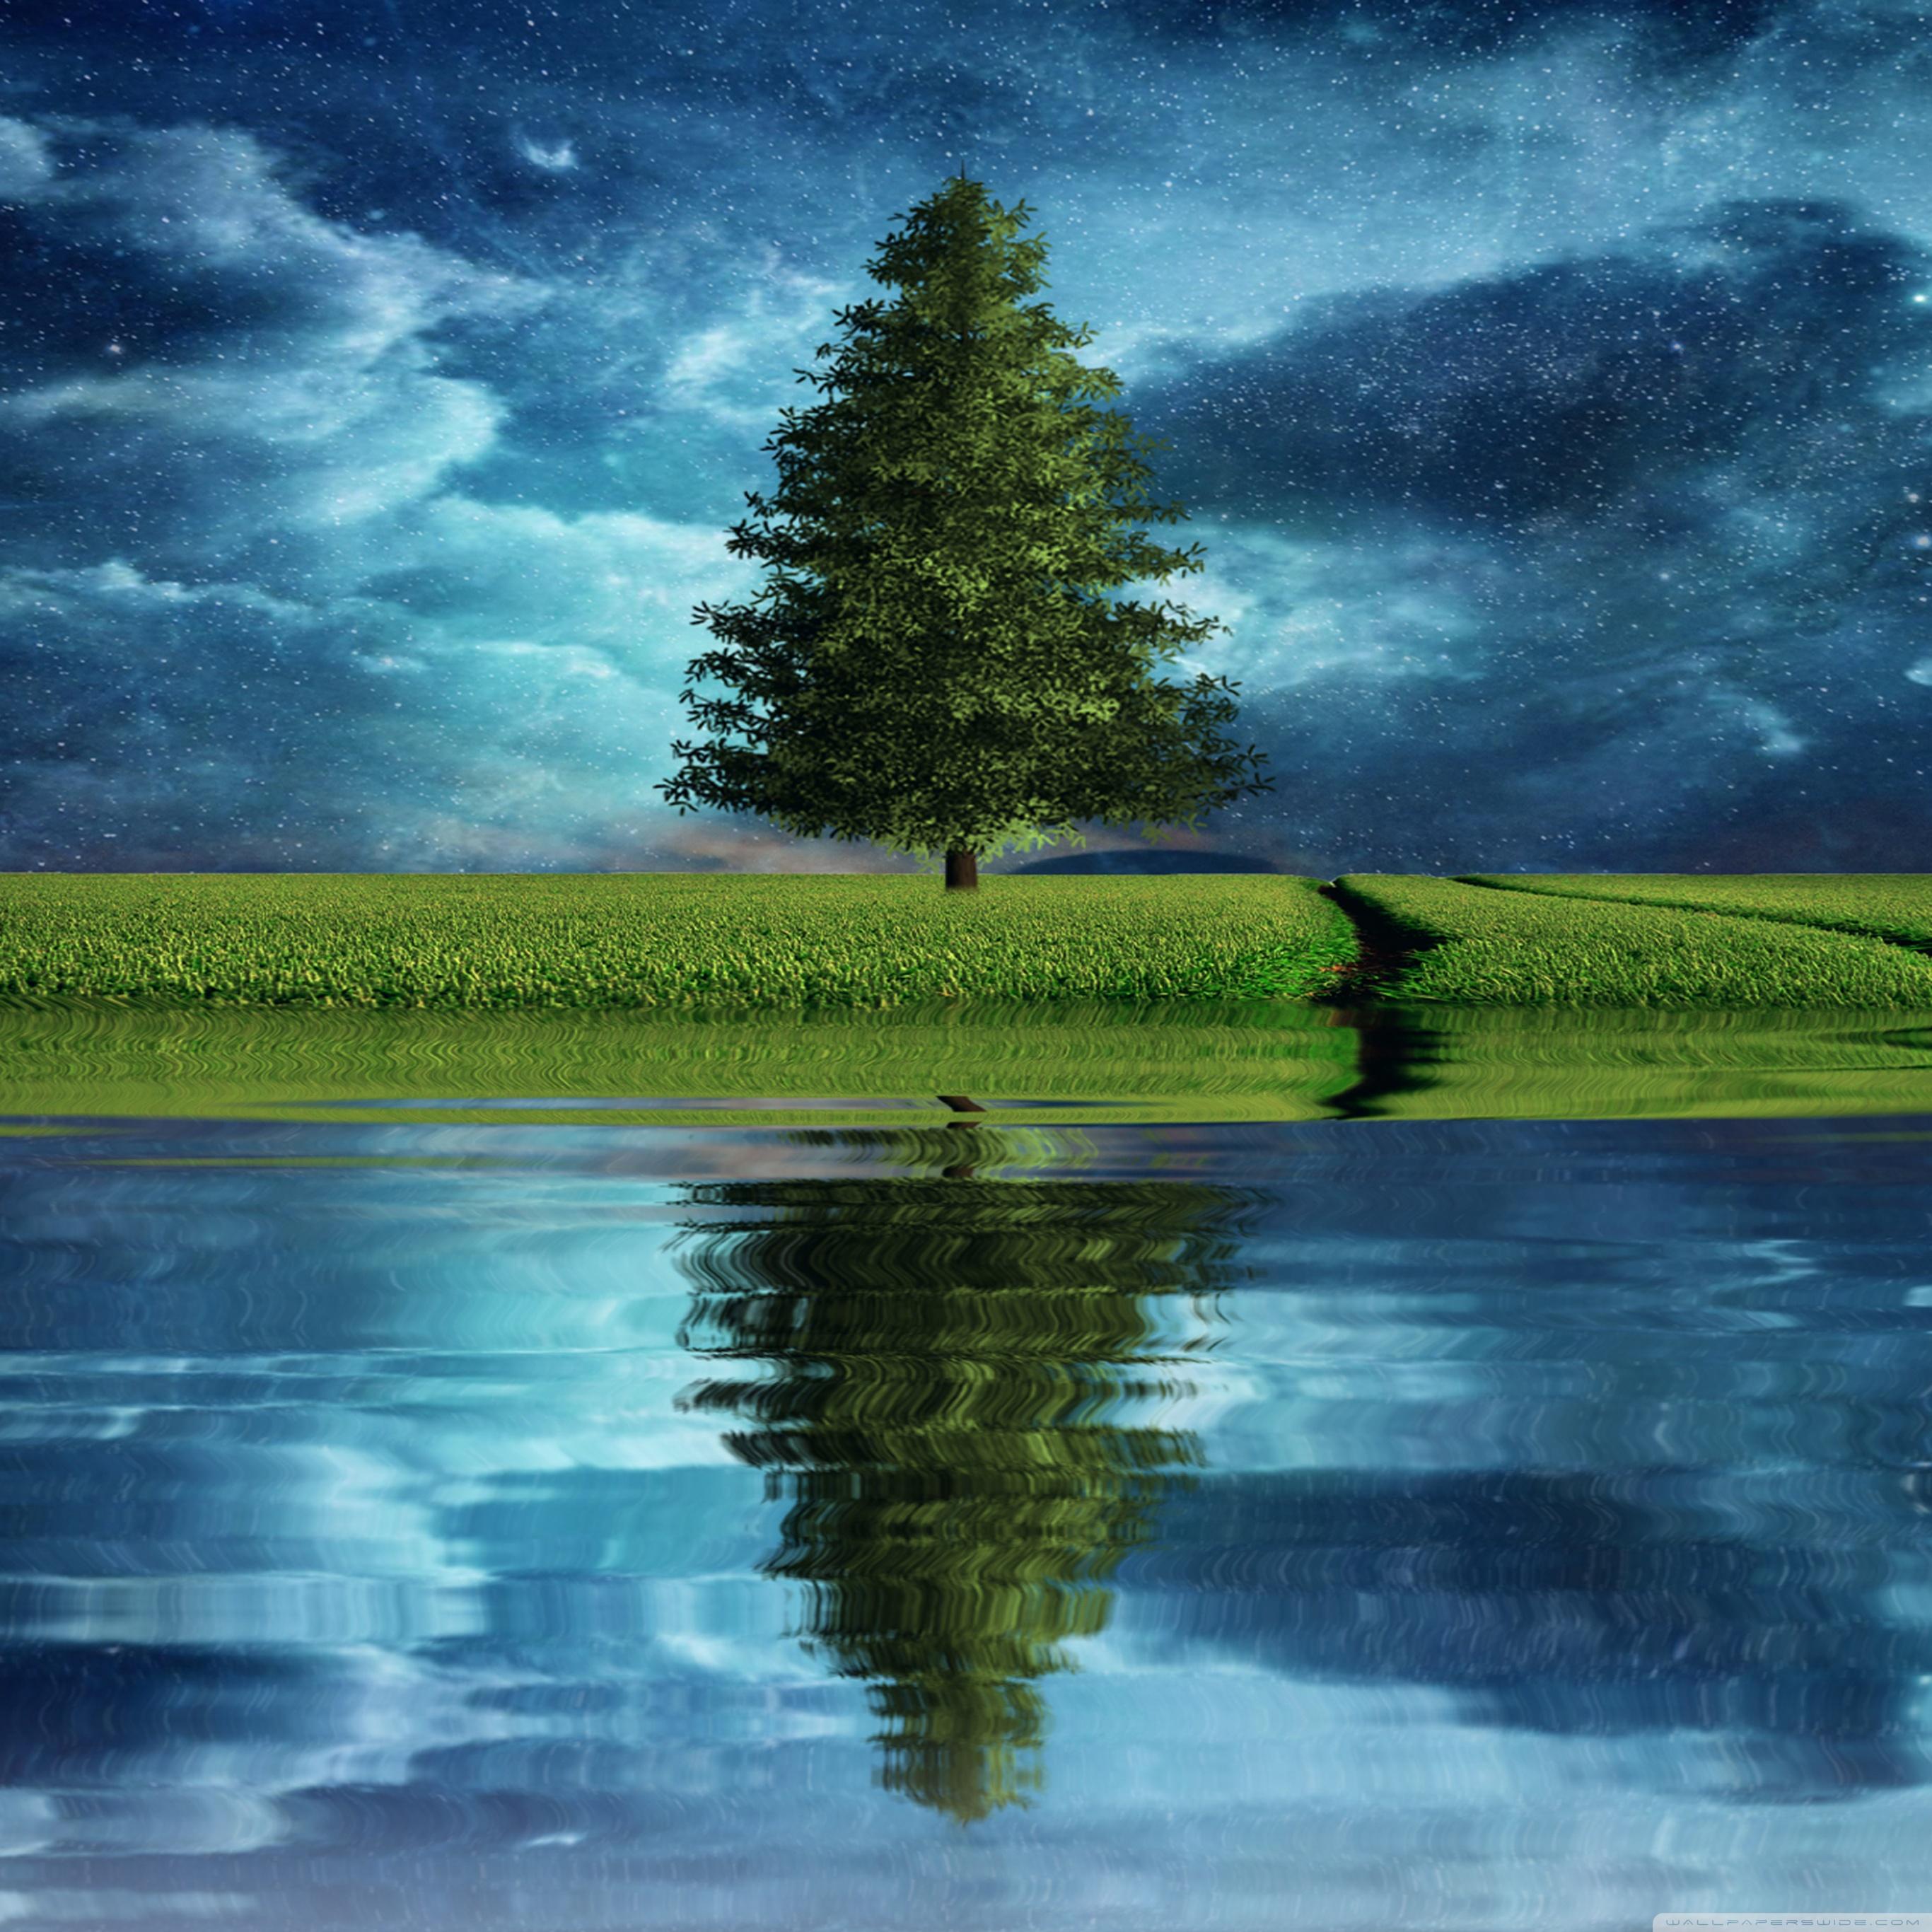 树木 绿色 星空 蓝天 苹果手机高清壁纸 2732x2732